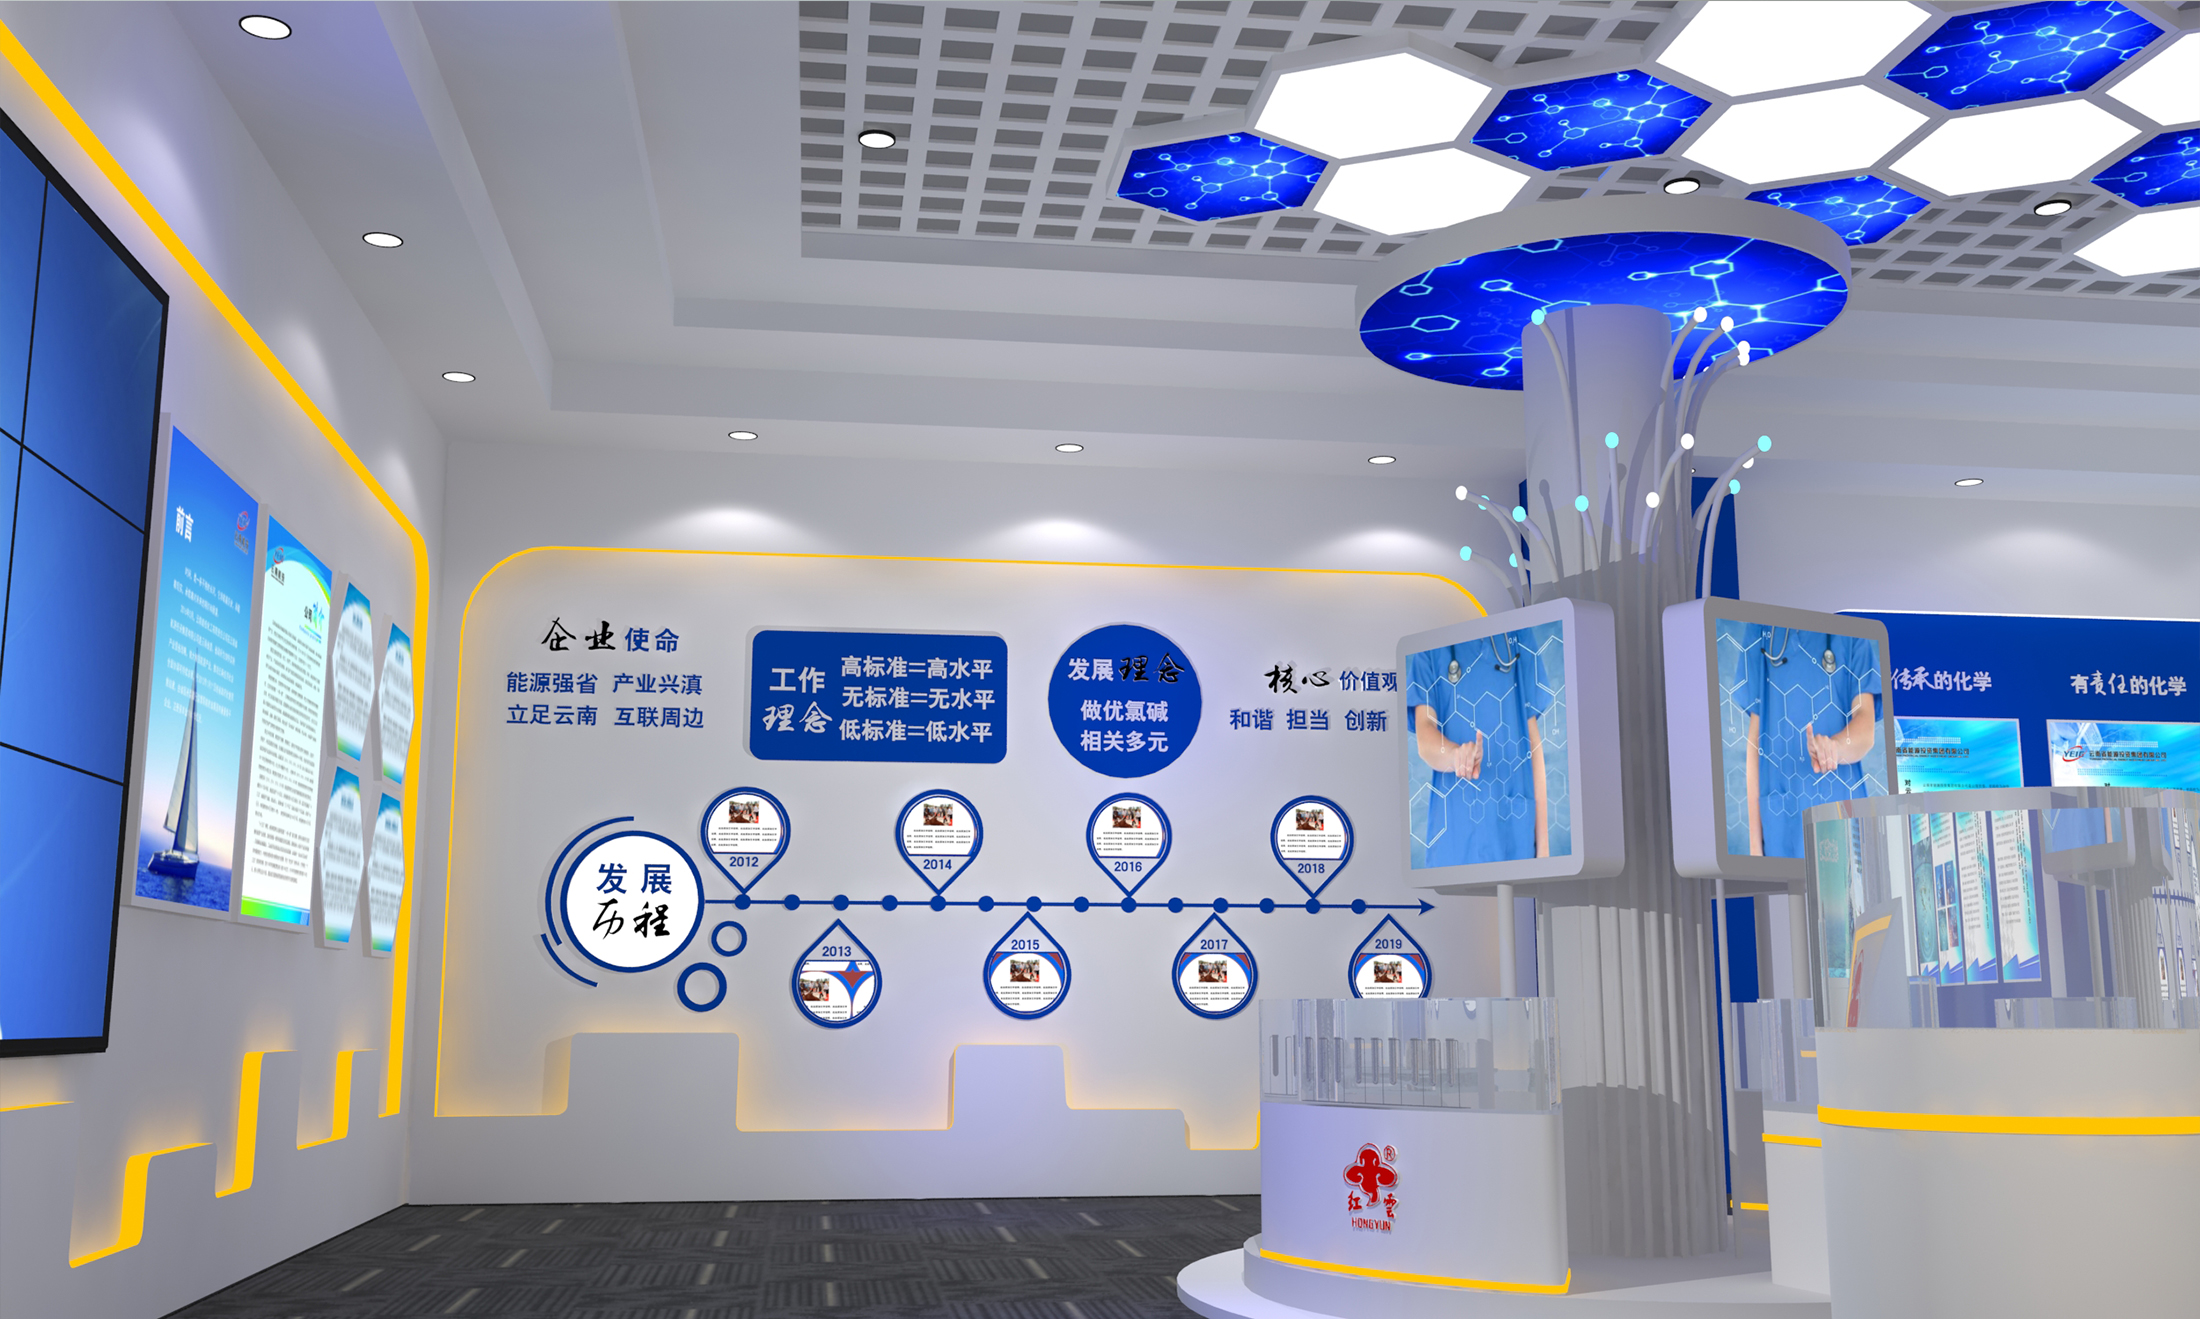 公司核心价值观_昆明企业展厅设计_企业展厅设计效果图_理念_方案_昆明华文创意